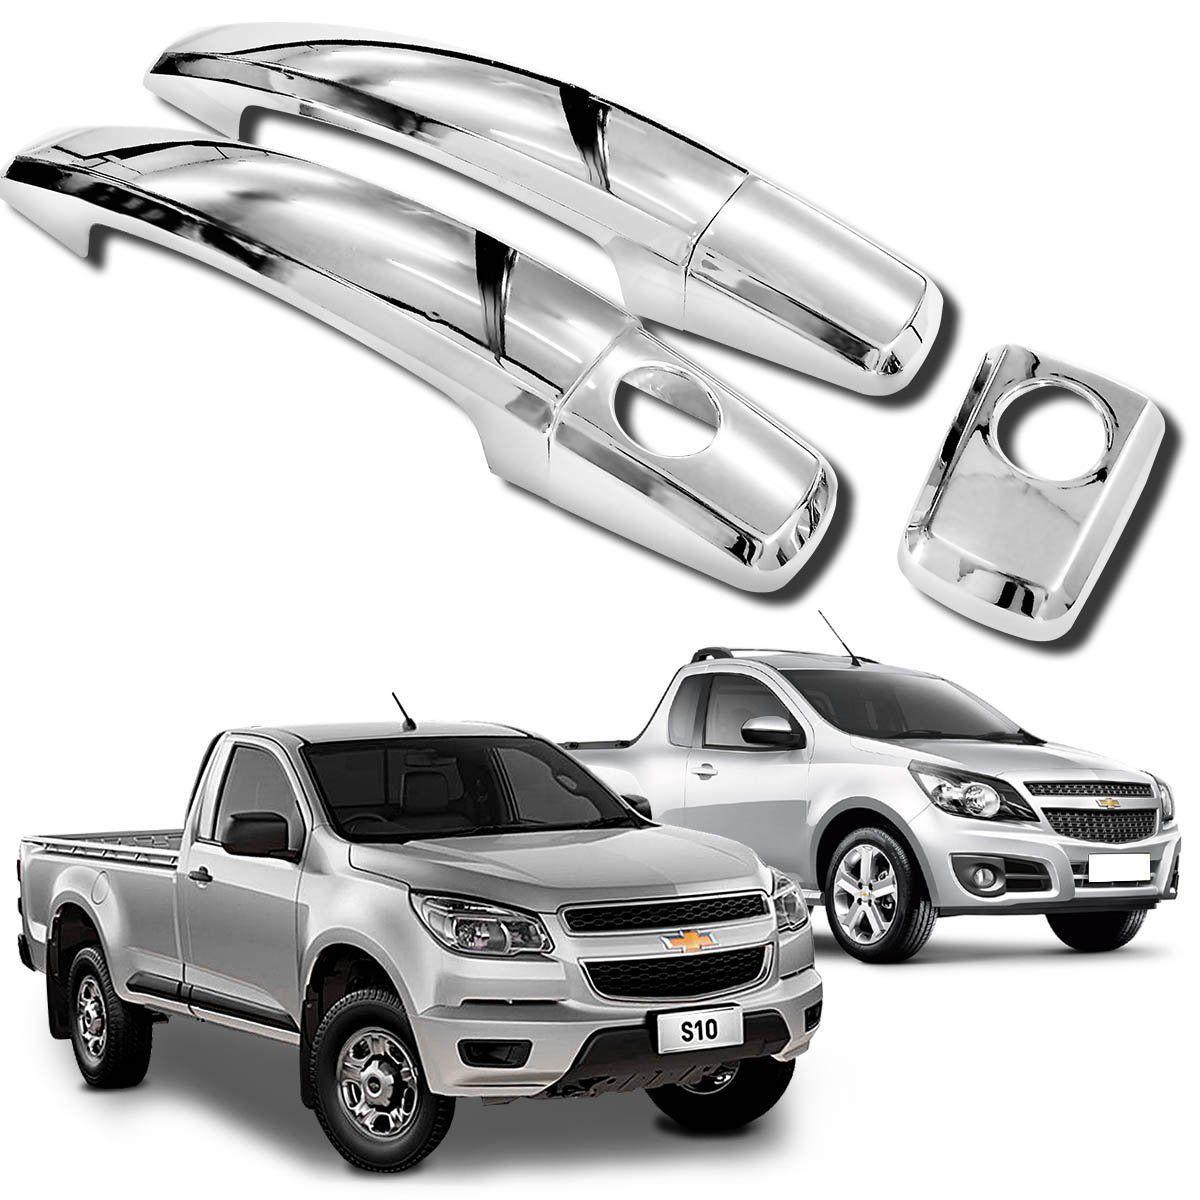 Aplique de Maçaneta Chevrolet Montana  S10 2010 e 2021 Cromado